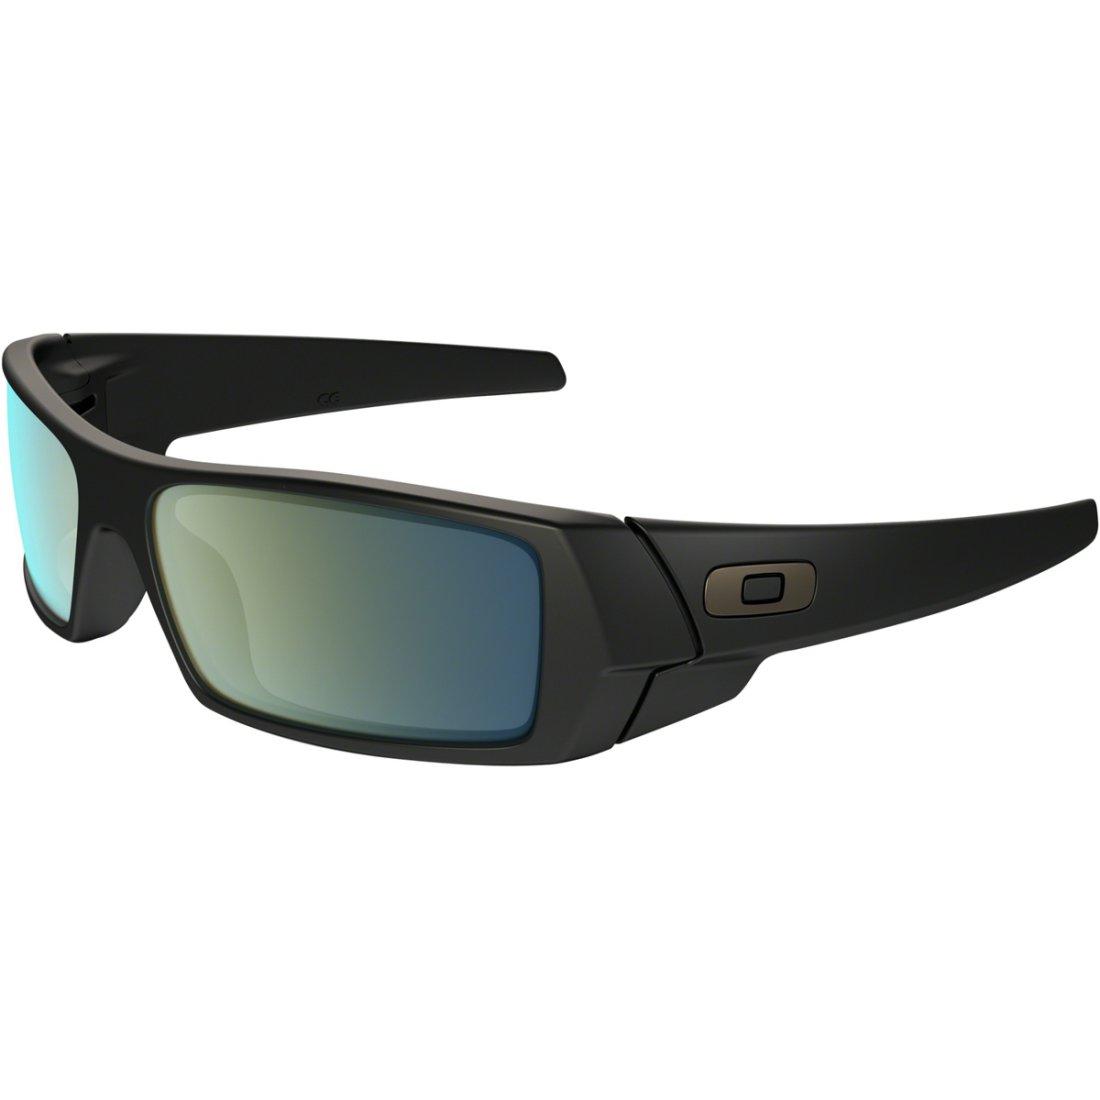 a5a93814cb4d ... usa oakley gascan matte black emerald iridium mask goggle 504d3 6ea55